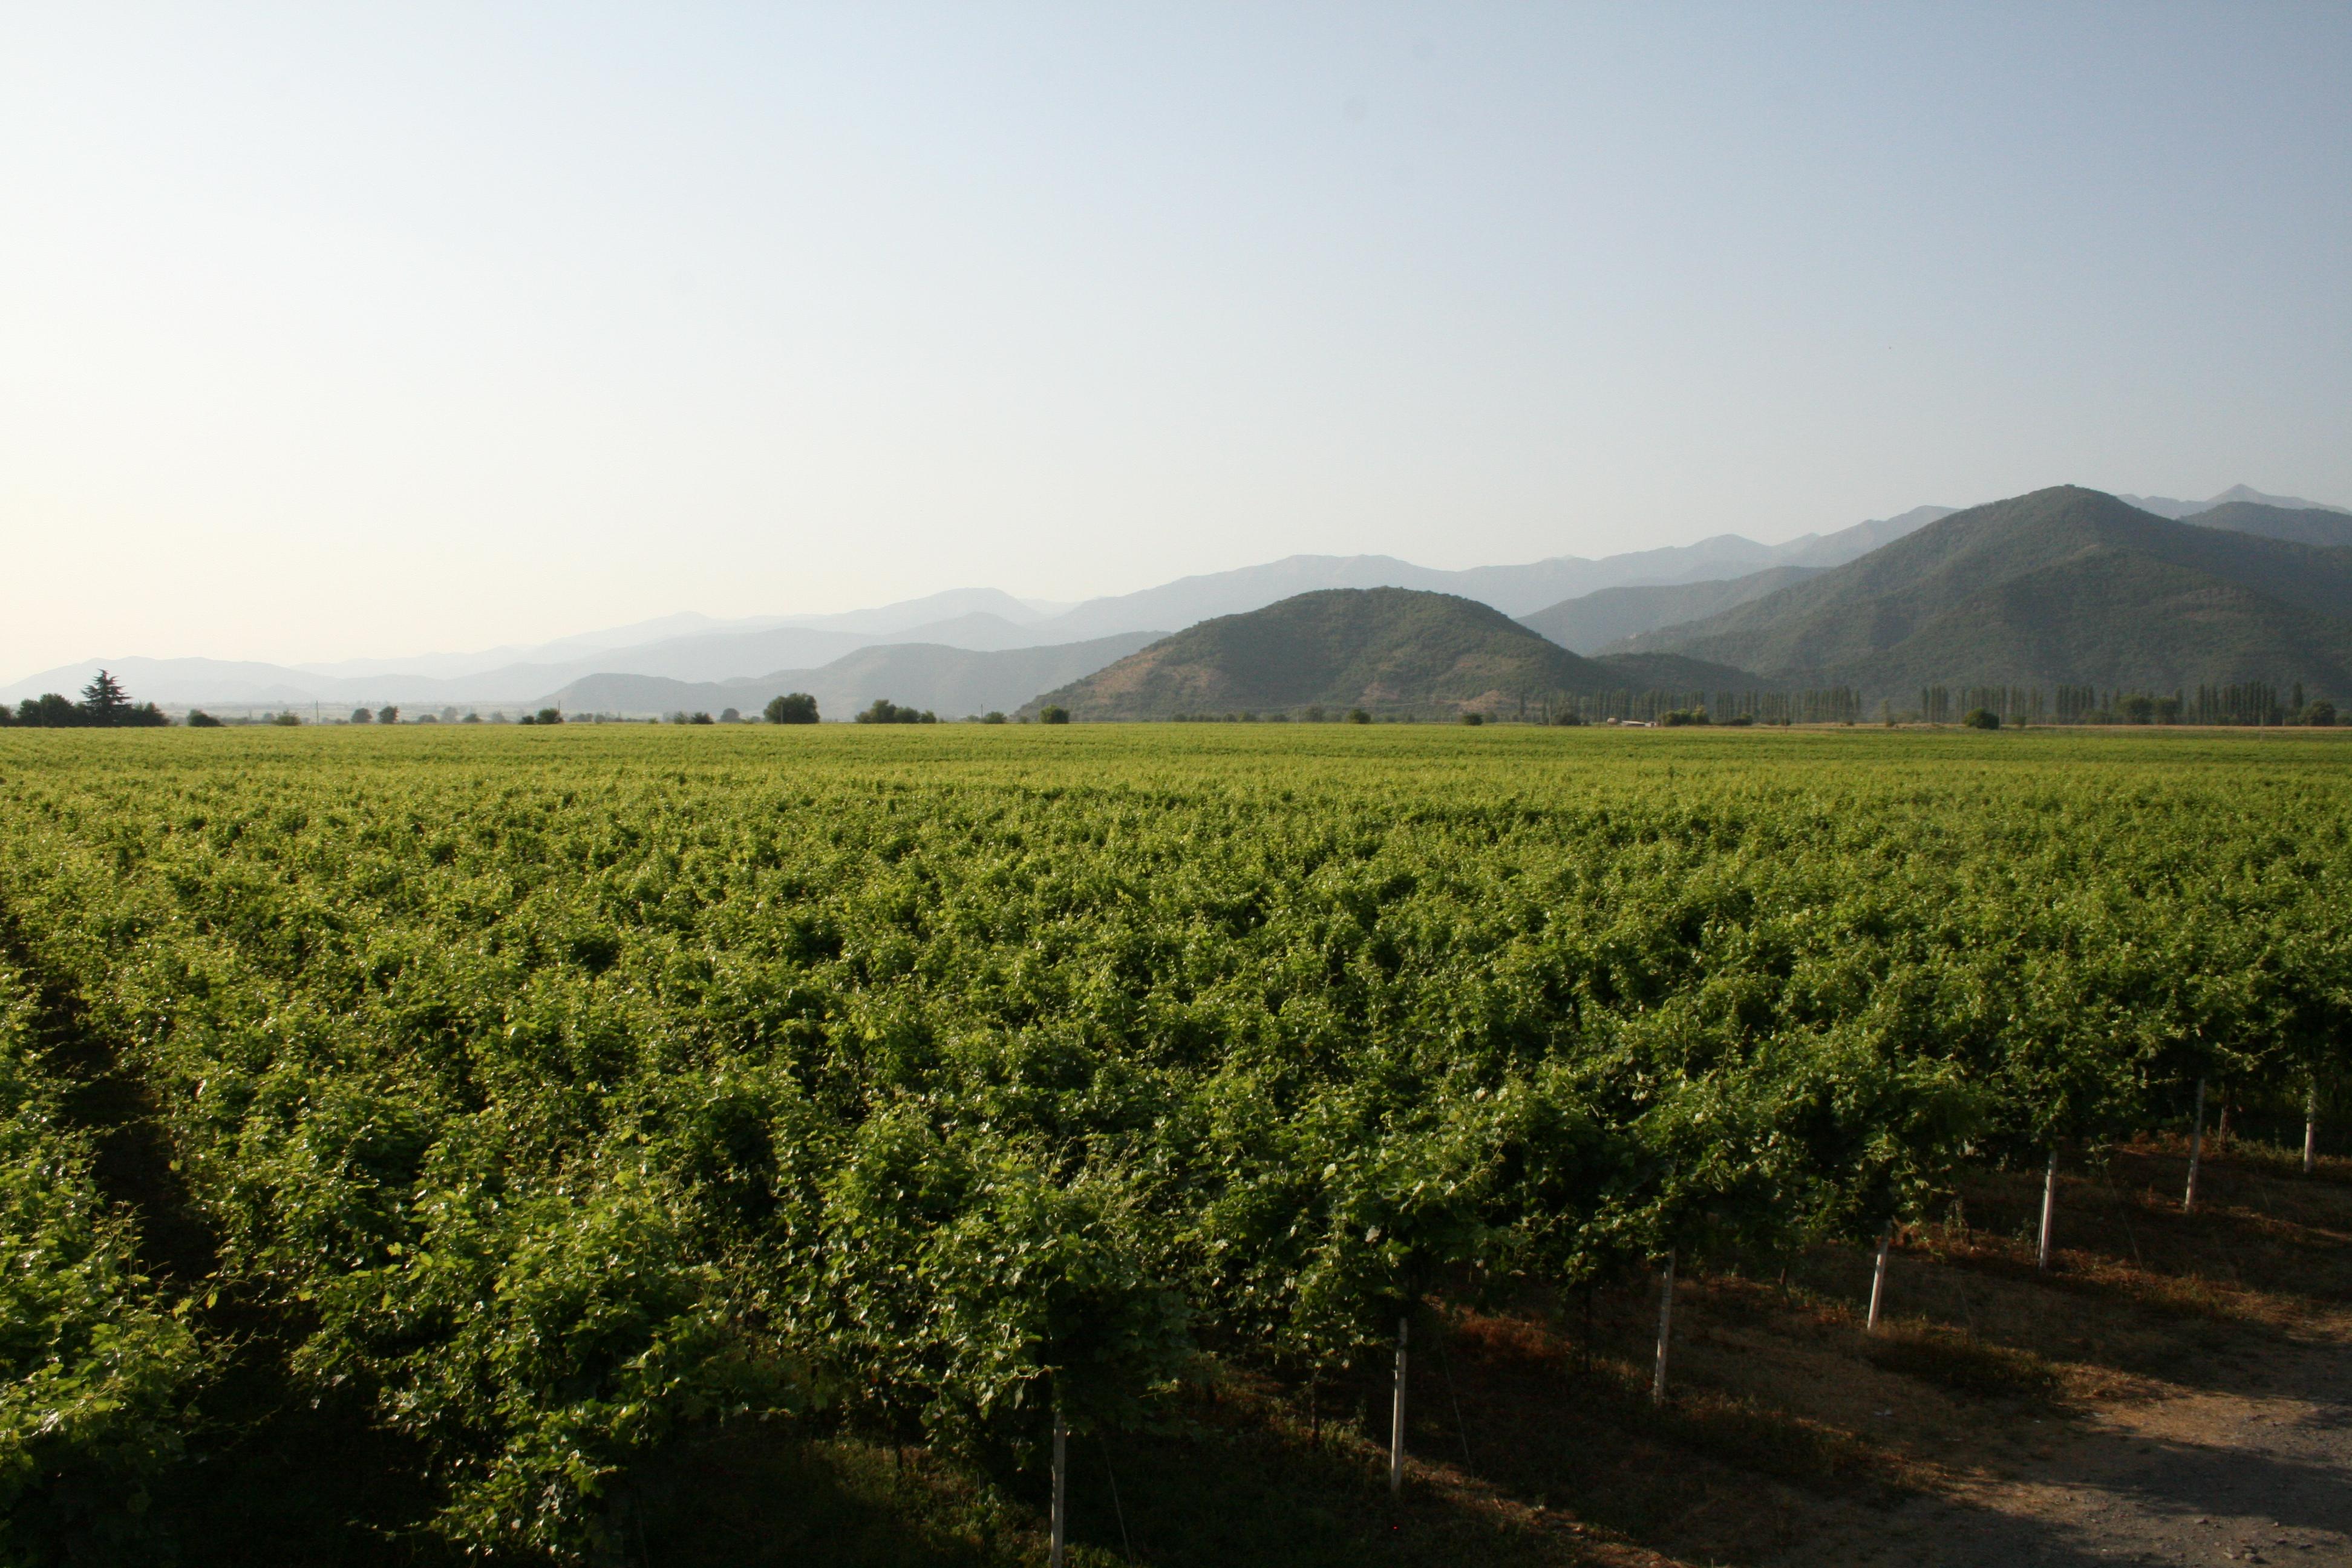 georgische wijn gaard